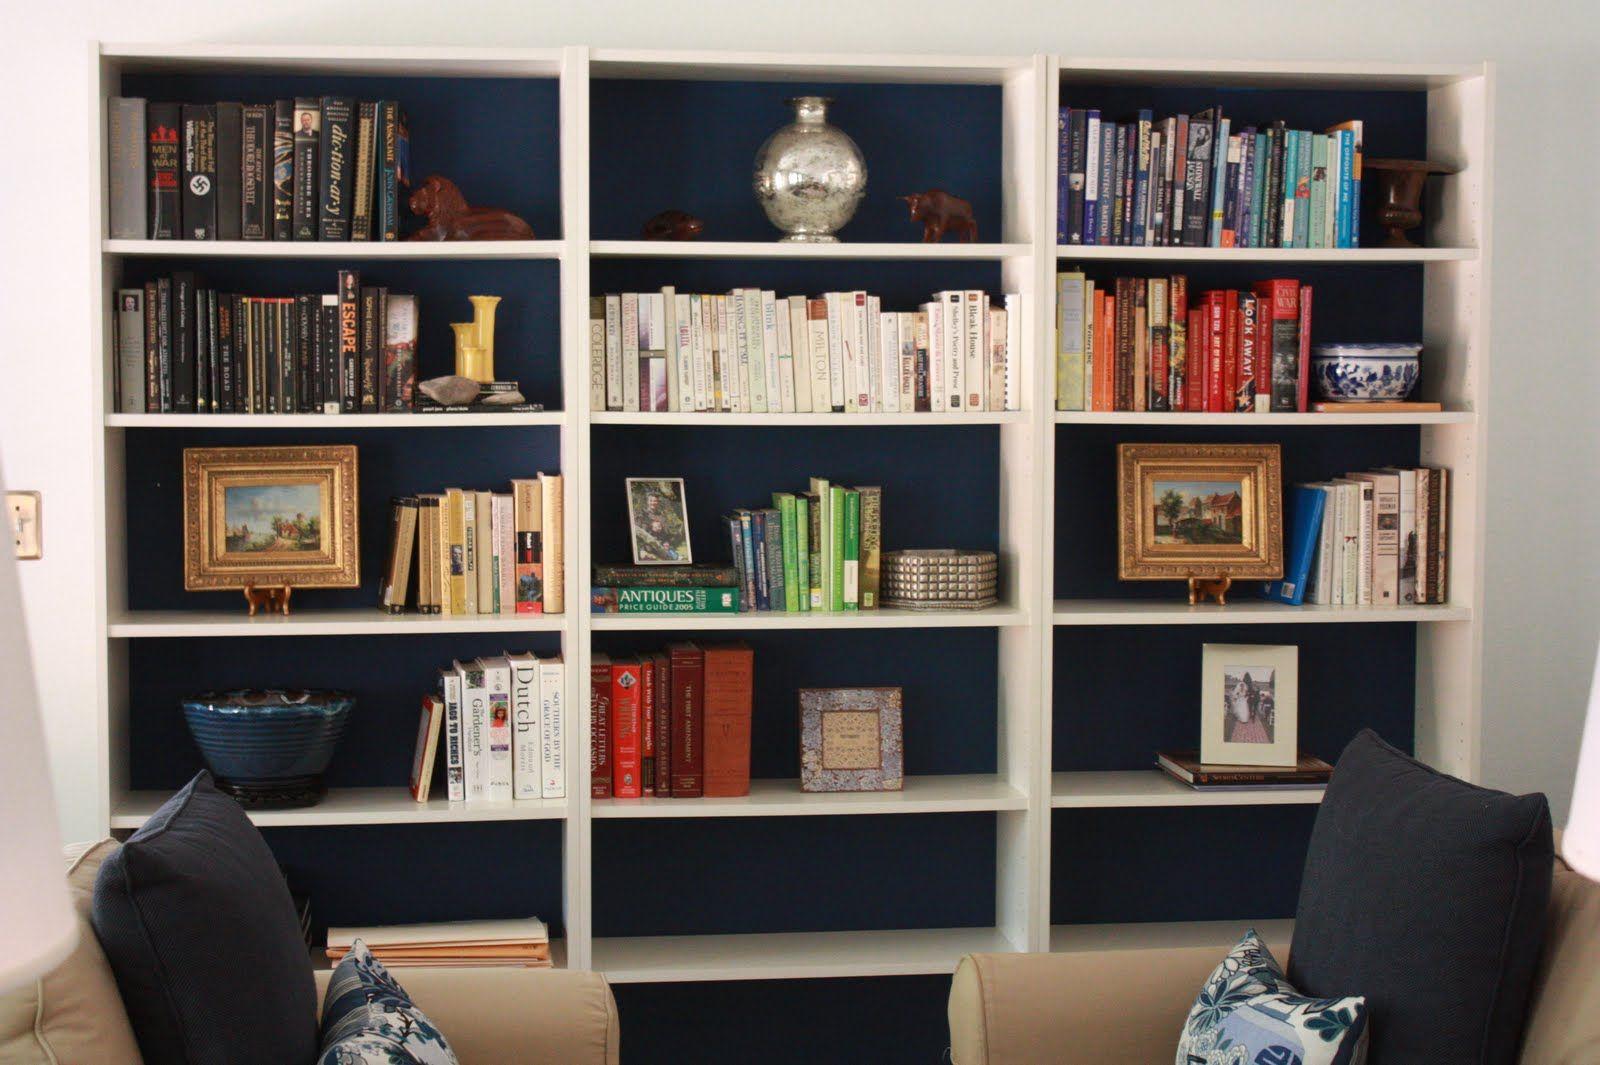 Img 3668 Jpg Jpeg Image 1600x1065 Pixels Scaled 52 Dark Blue Living Room Living Room Redesign Bookshelves